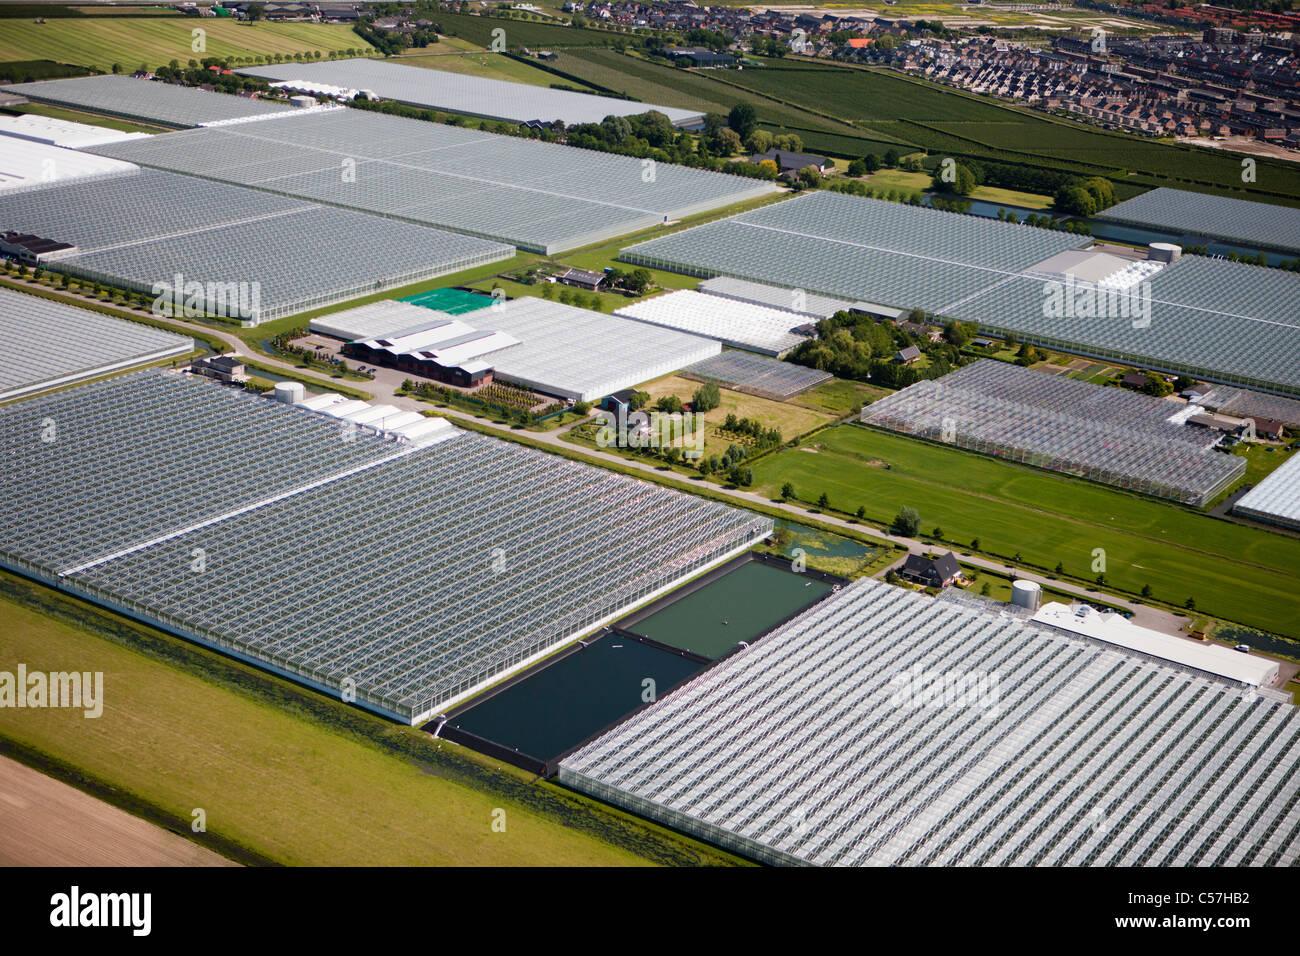 Die Niederlande, Utrecht, Gewächshäuser. Luft. Stockbild